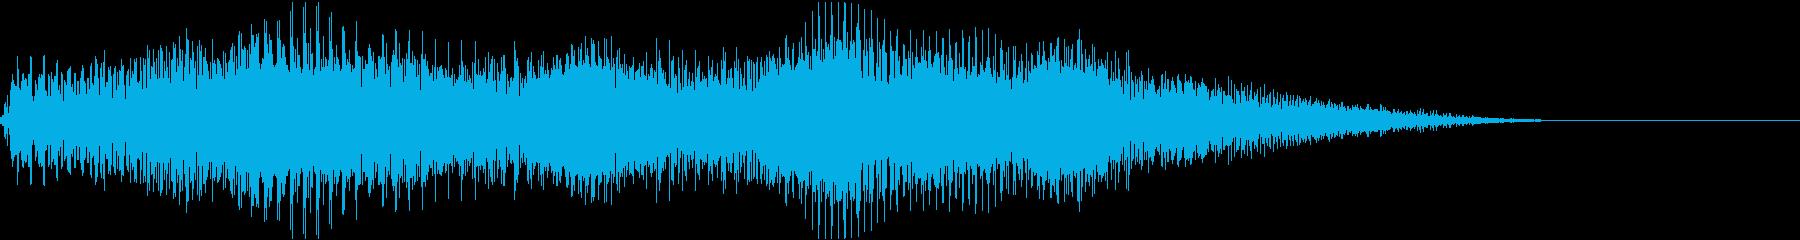 ボワァァン(登場音)の再生済みの波形